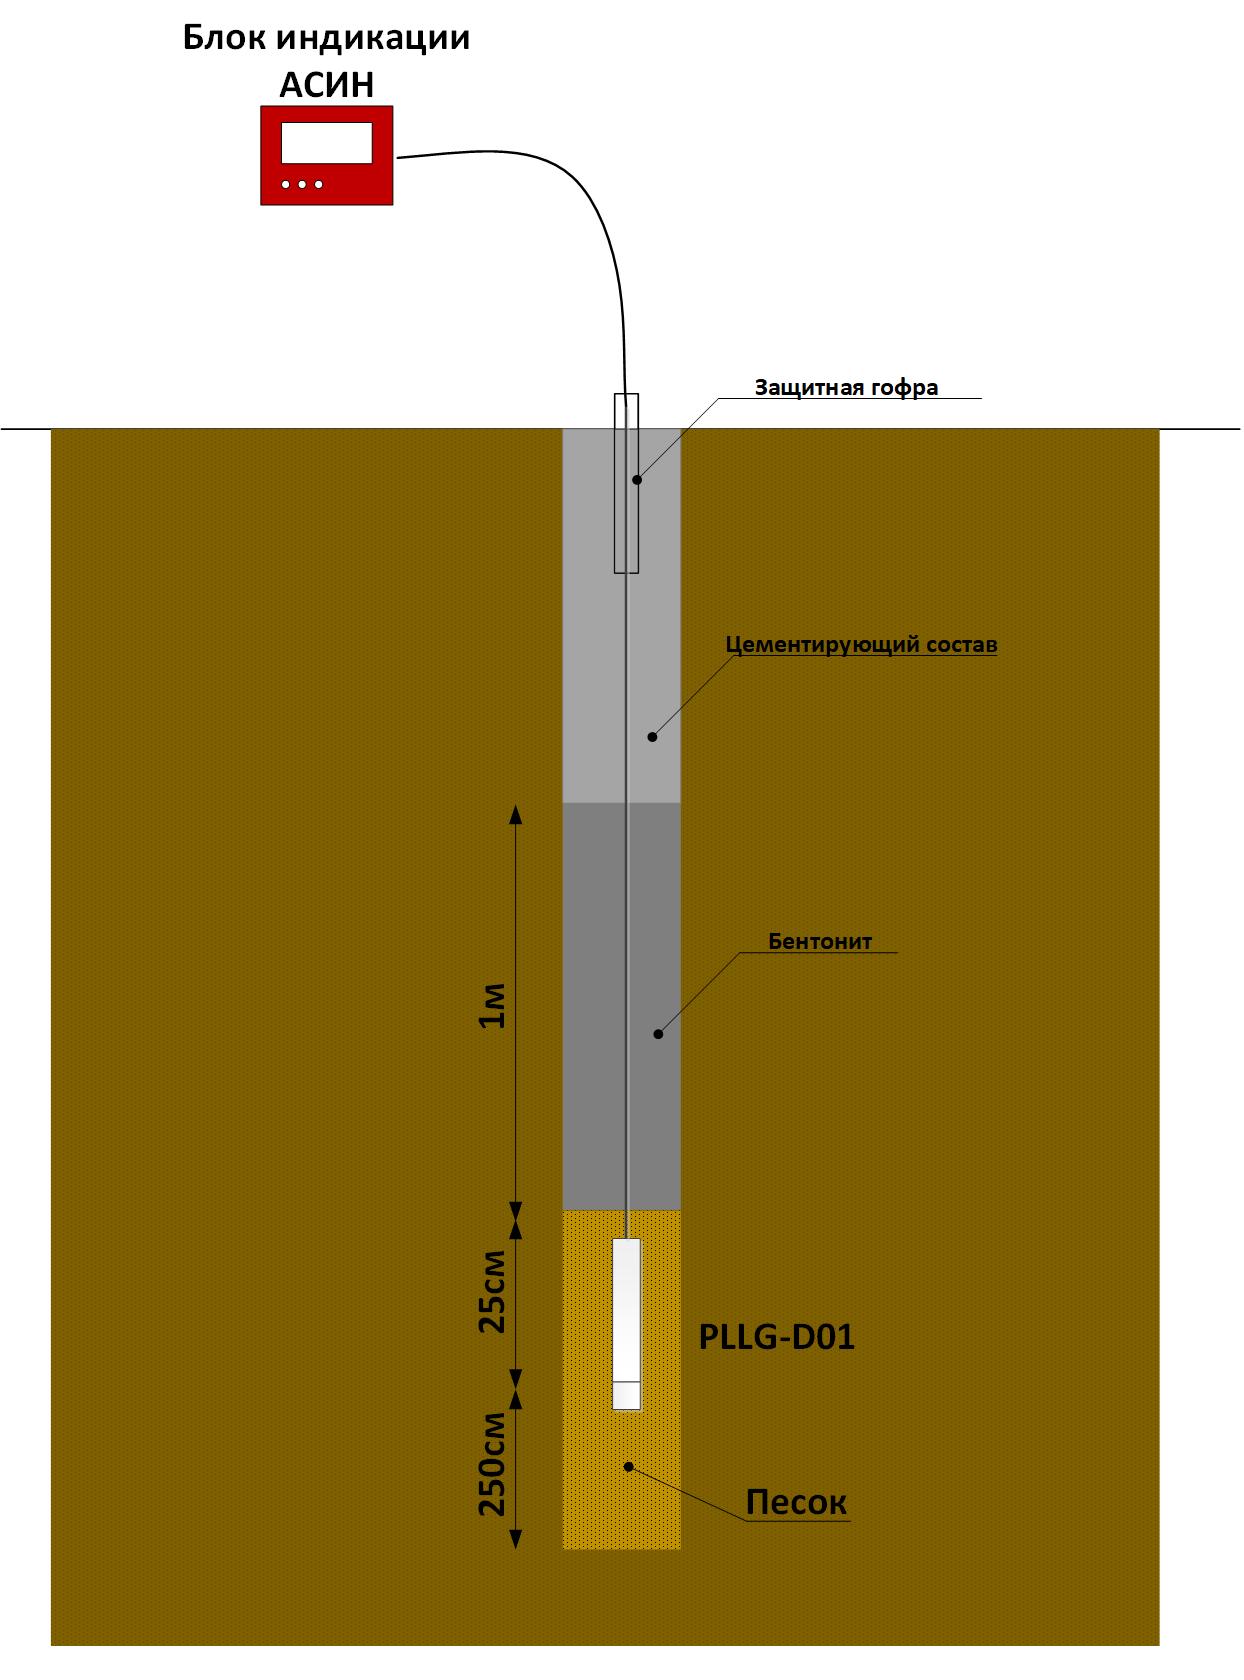 Установка цифрового пьезометра в тампонированную скважину